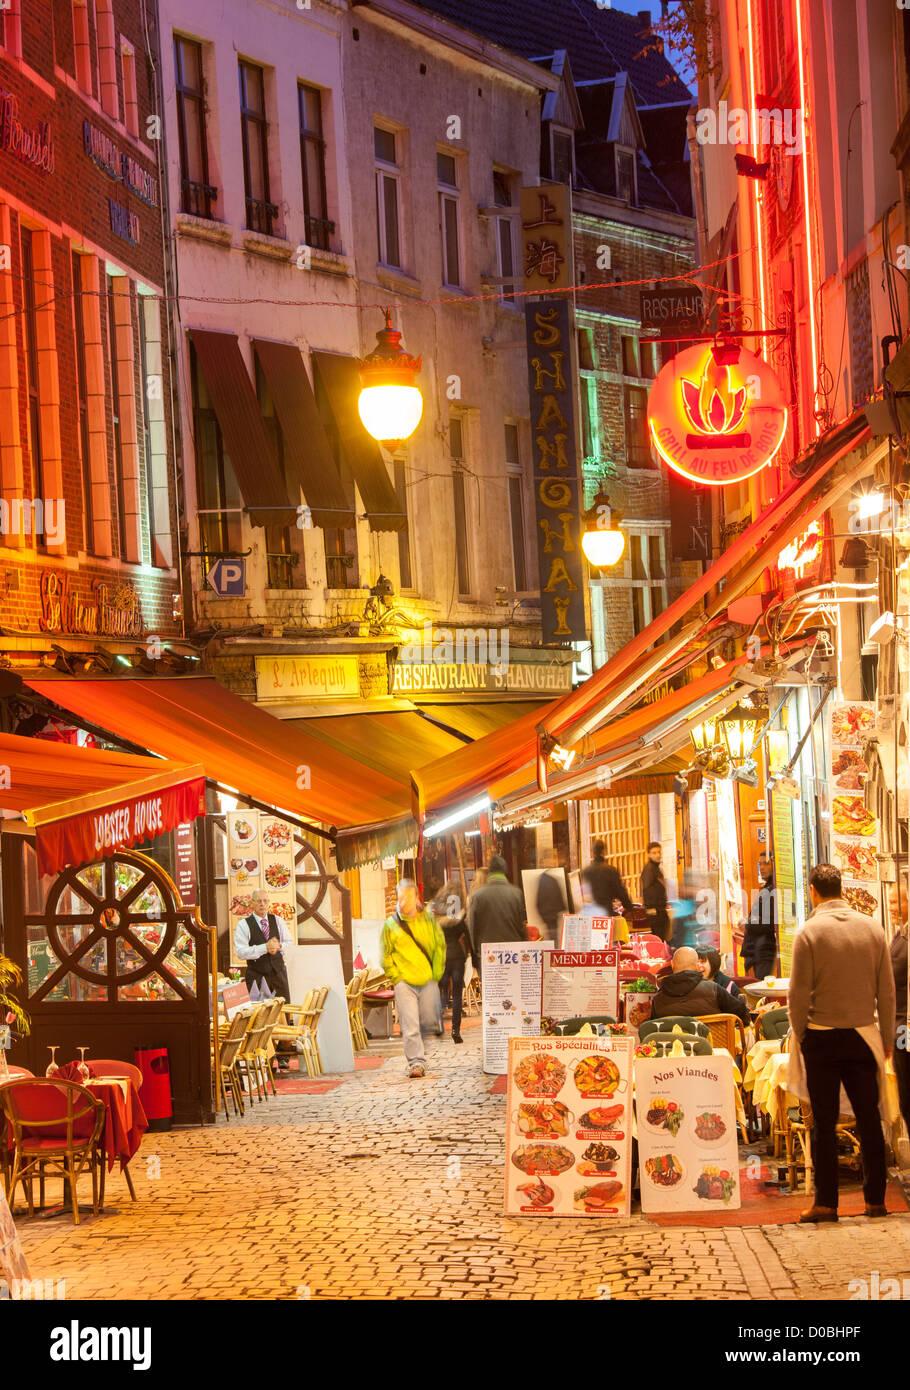 Rue des Bouchers Bruxelles restaurants touristiques. Serveurs en attente de quelques clients. Piscine chauffée à Banque D'Images